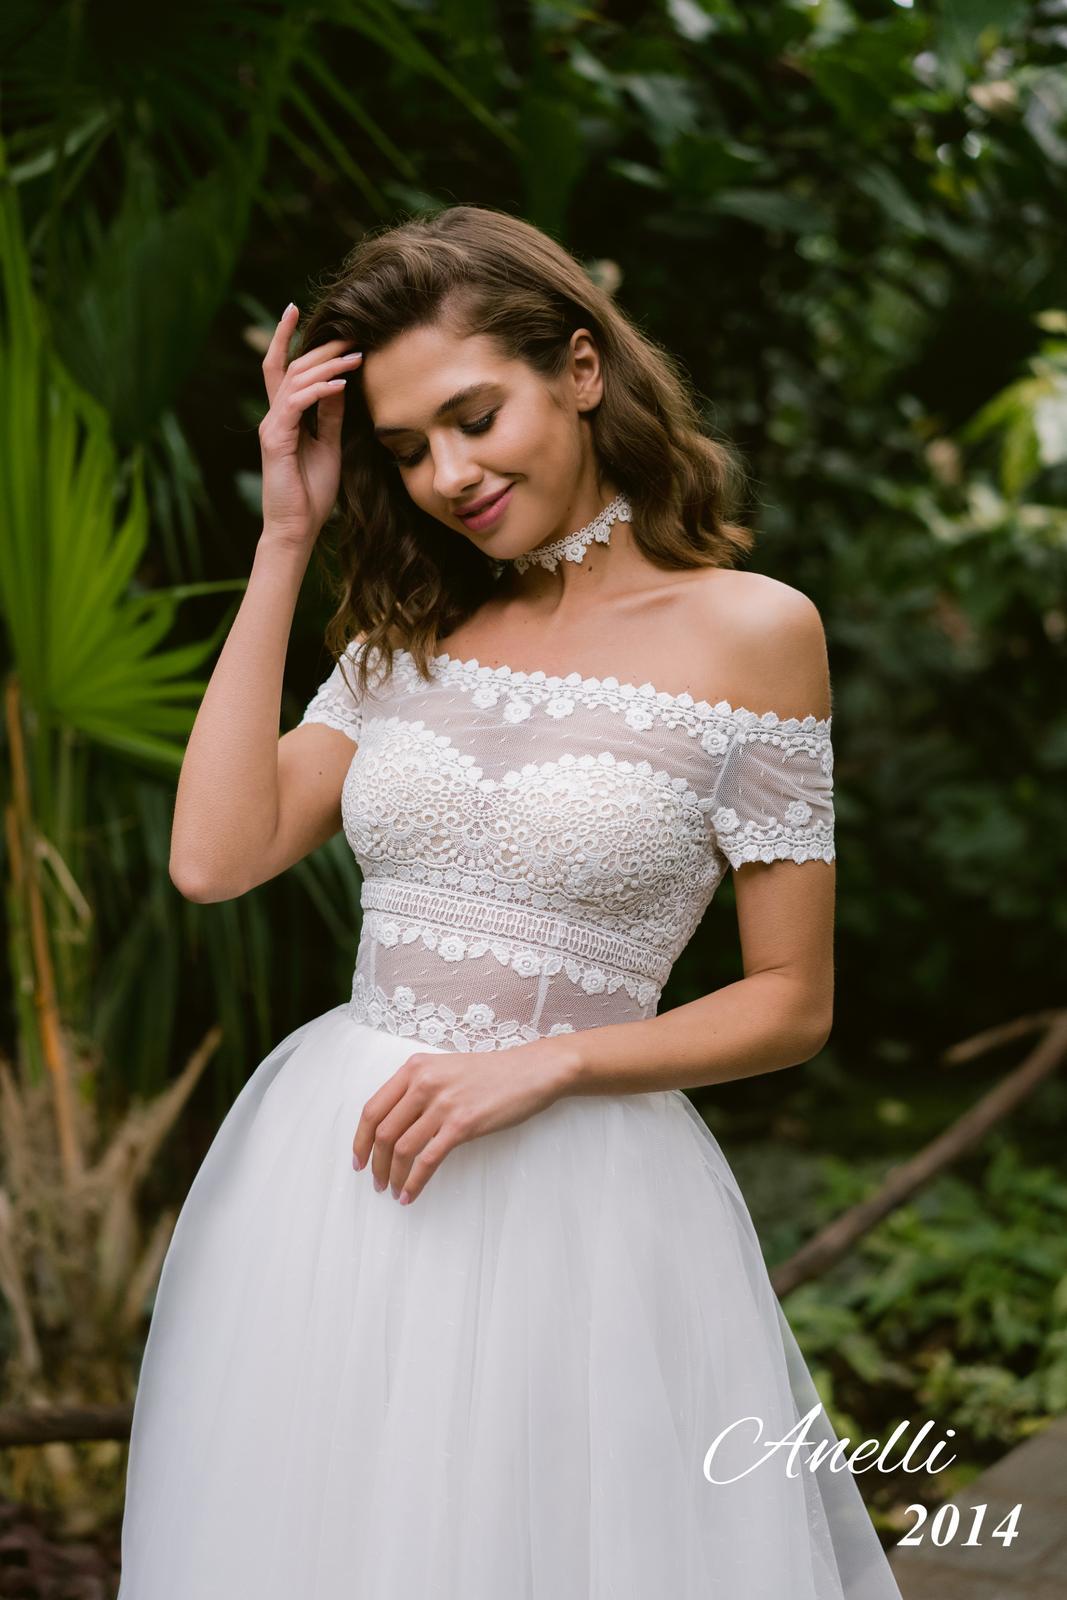 Svadobné šaty - Breeze 2014 - Obrázok č. 1